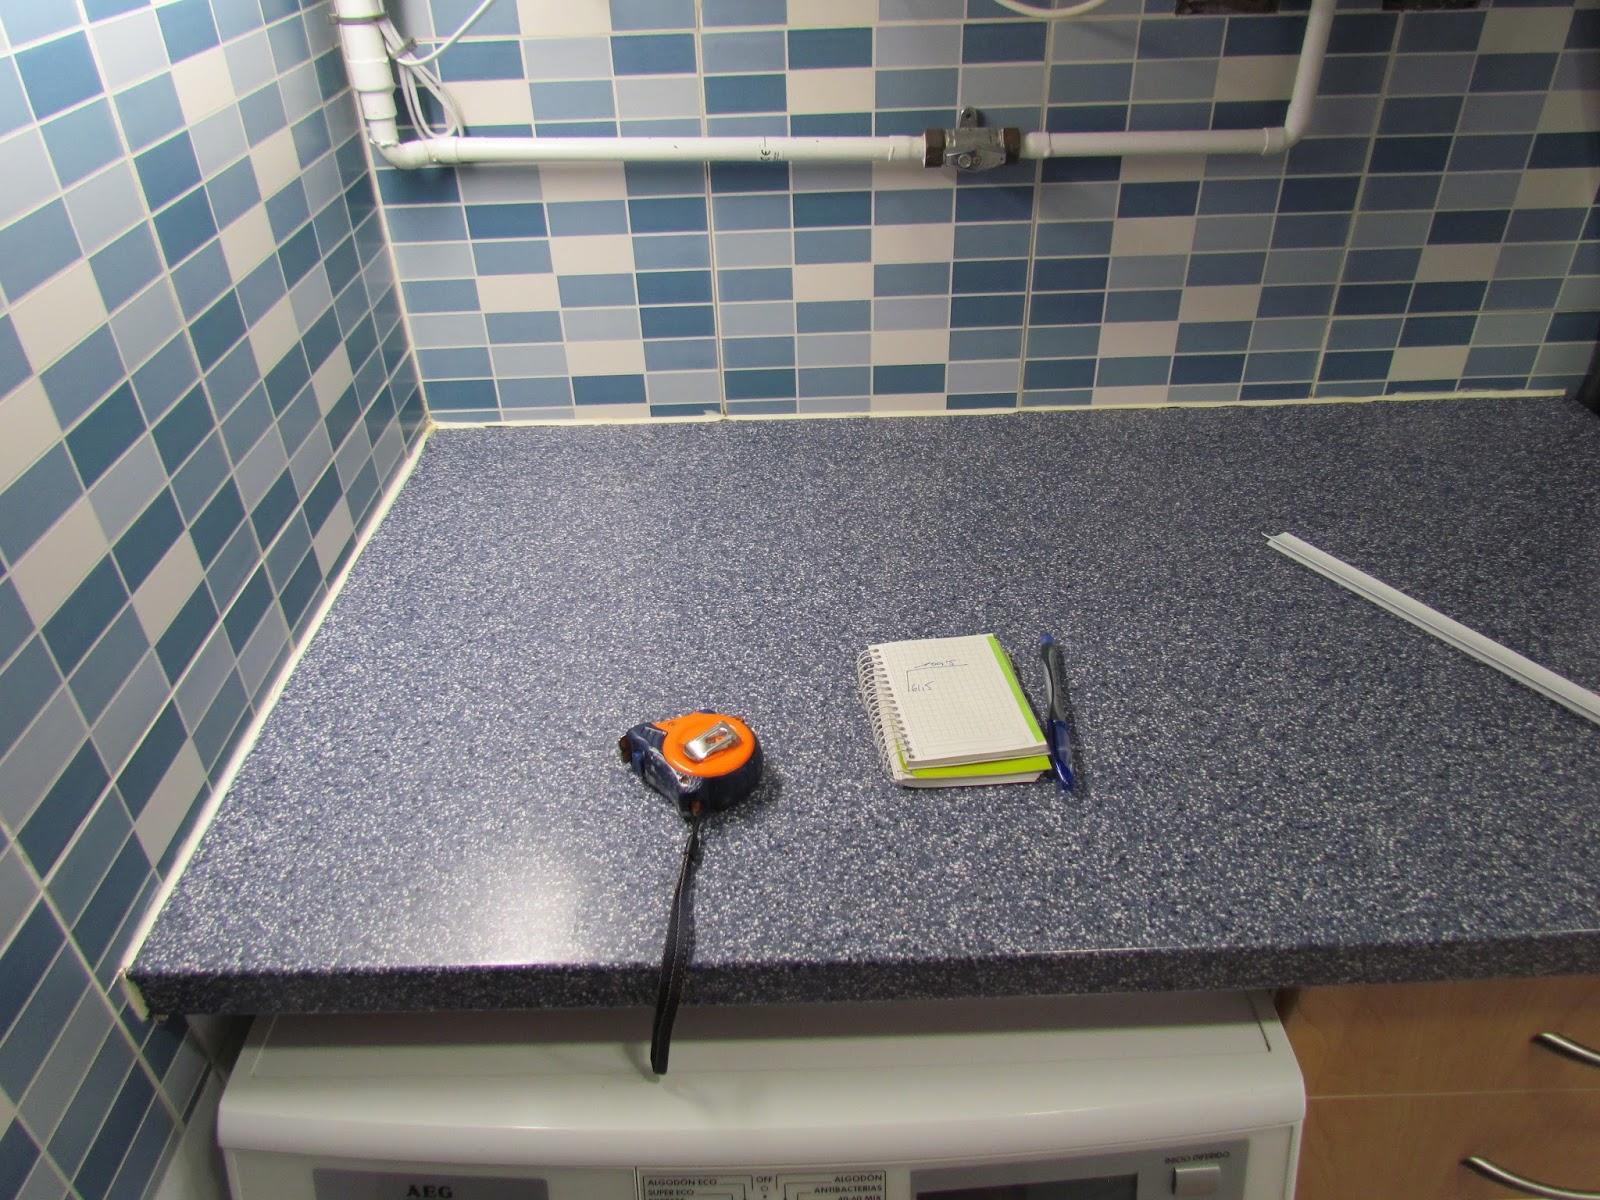 bricolaje hazlo tu mismo perfil encimera de cocina